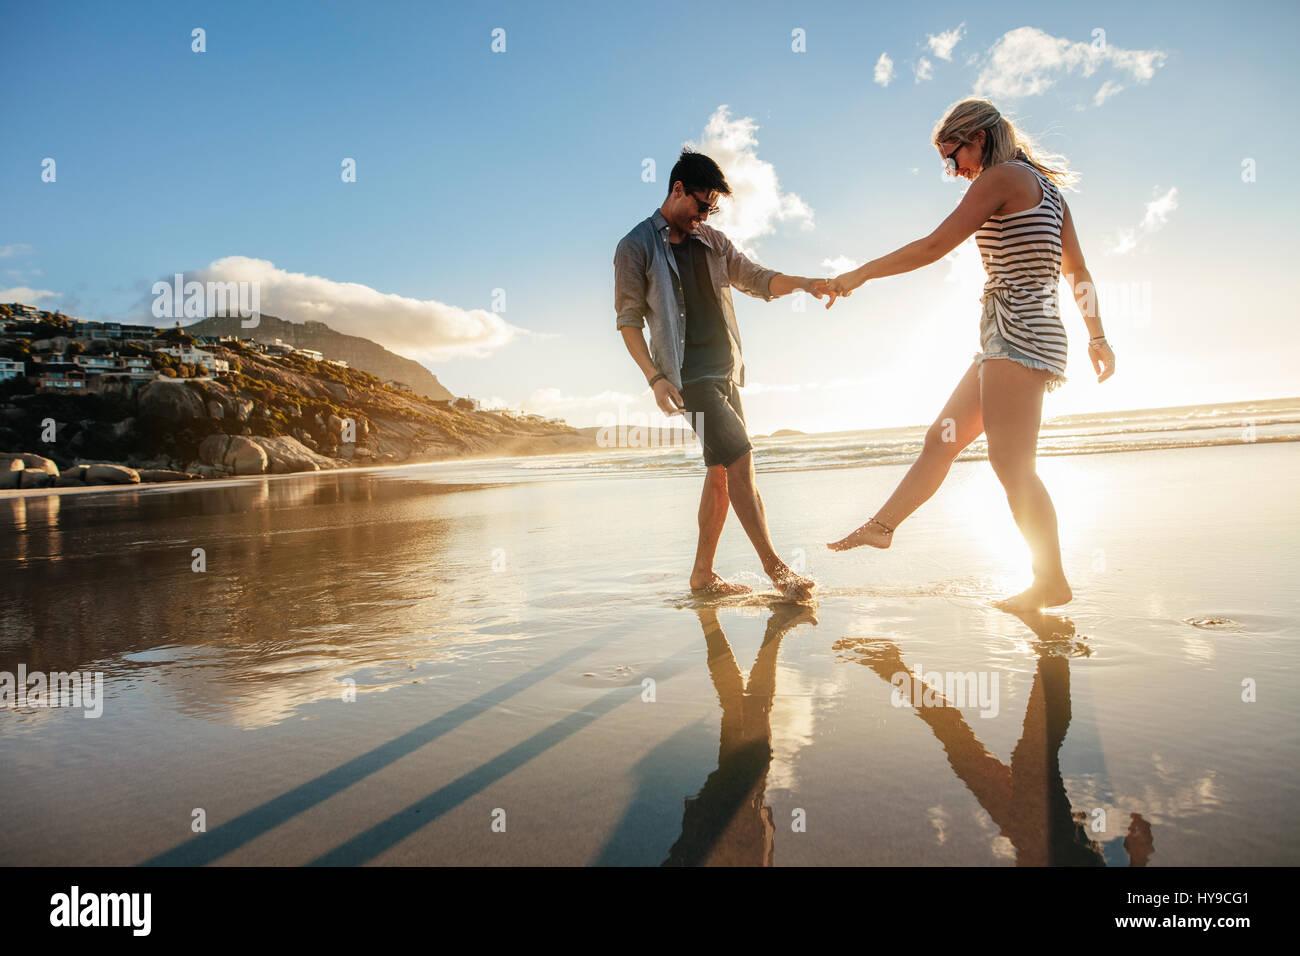 Schöne junge Paar Hand in Hand und spielen am Ufer. Glückliche junge romantische Paar in Liebe Spaß Stockbild